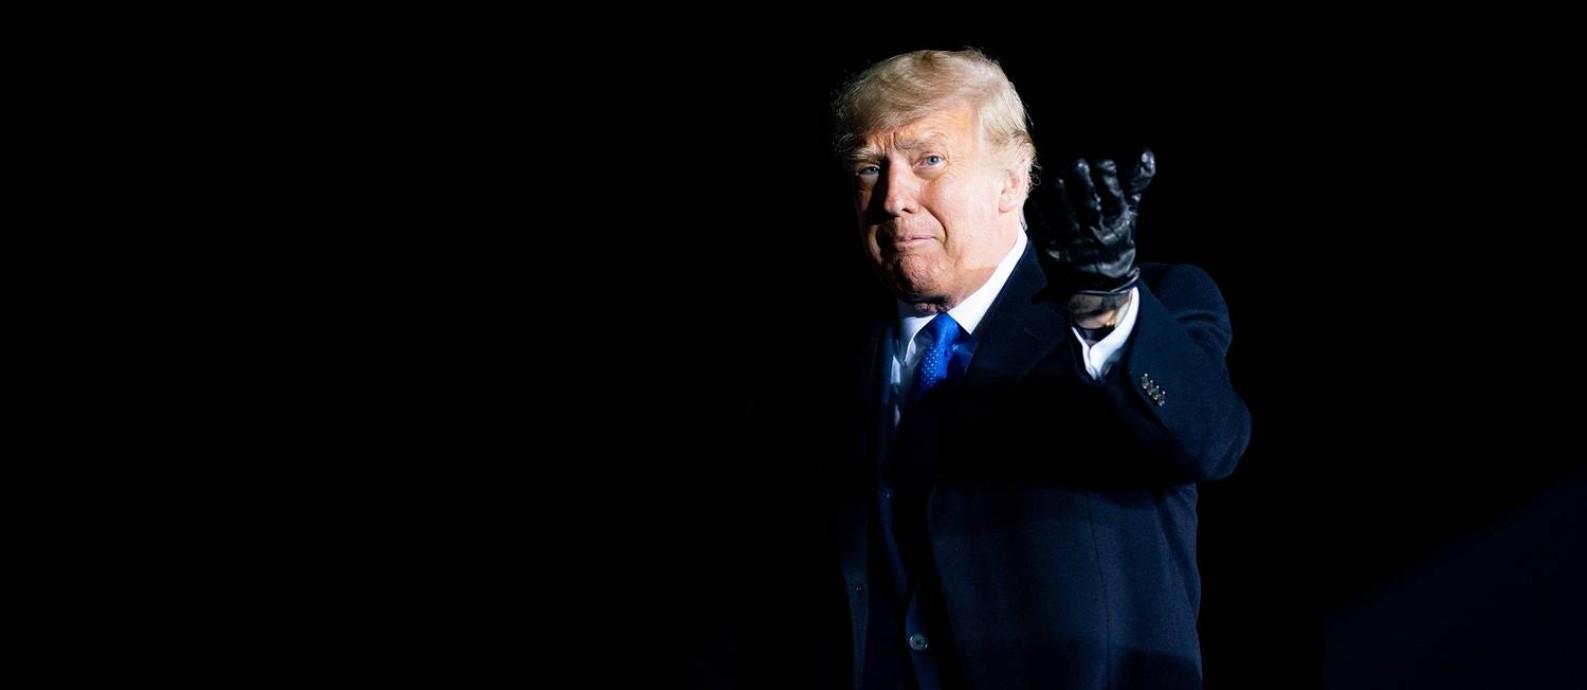 O presidente dos Estados Unidos em um comício em no aeroporto de Waukesha, no Wisconsin, no dia 24 de outubro Foto: ANNA MONEYMAKER / NYT 24-10-20